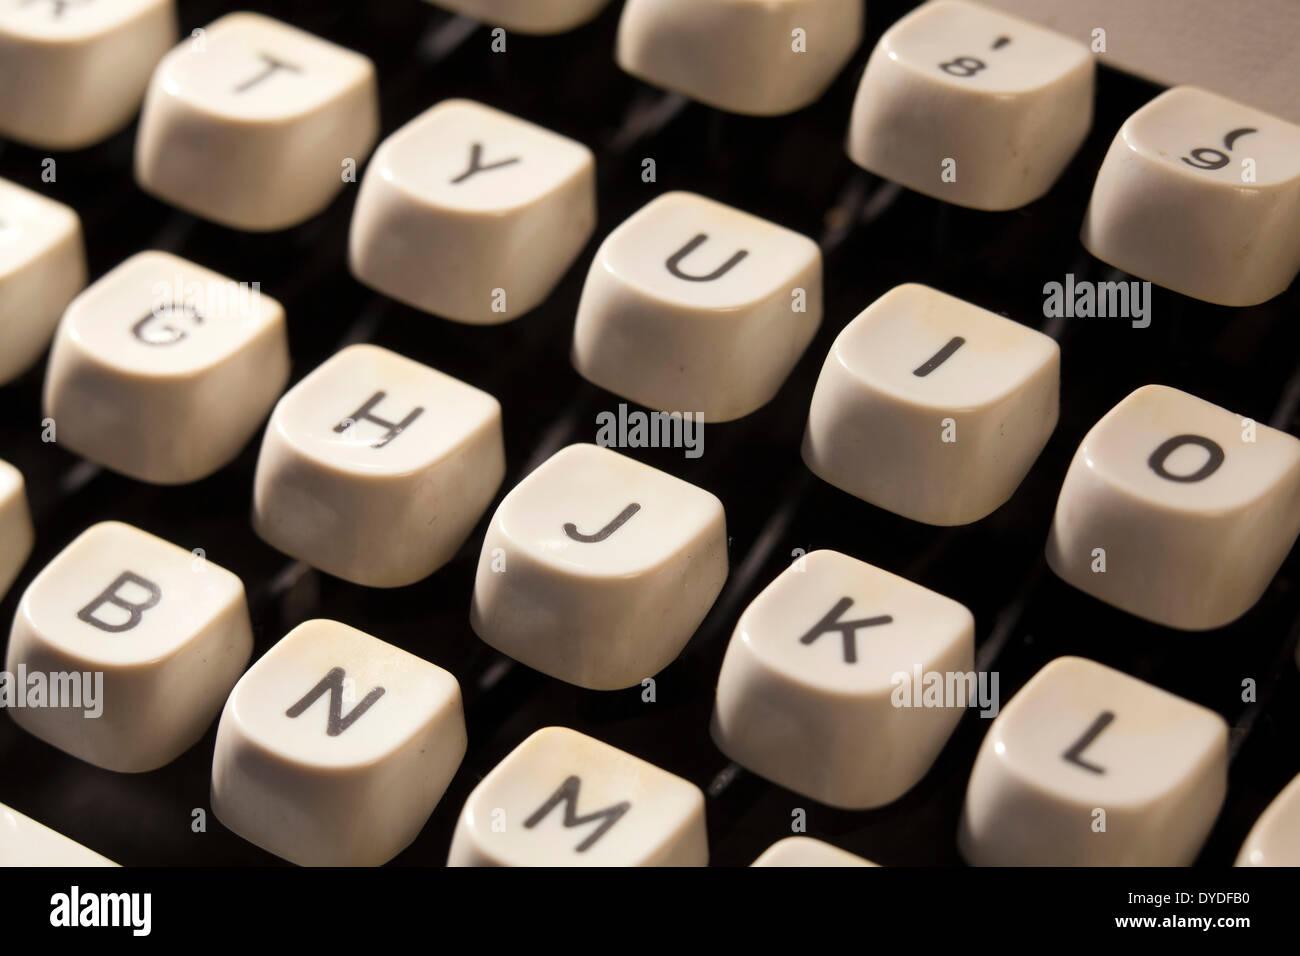 Manual typewriter keys close up. - Stock Image